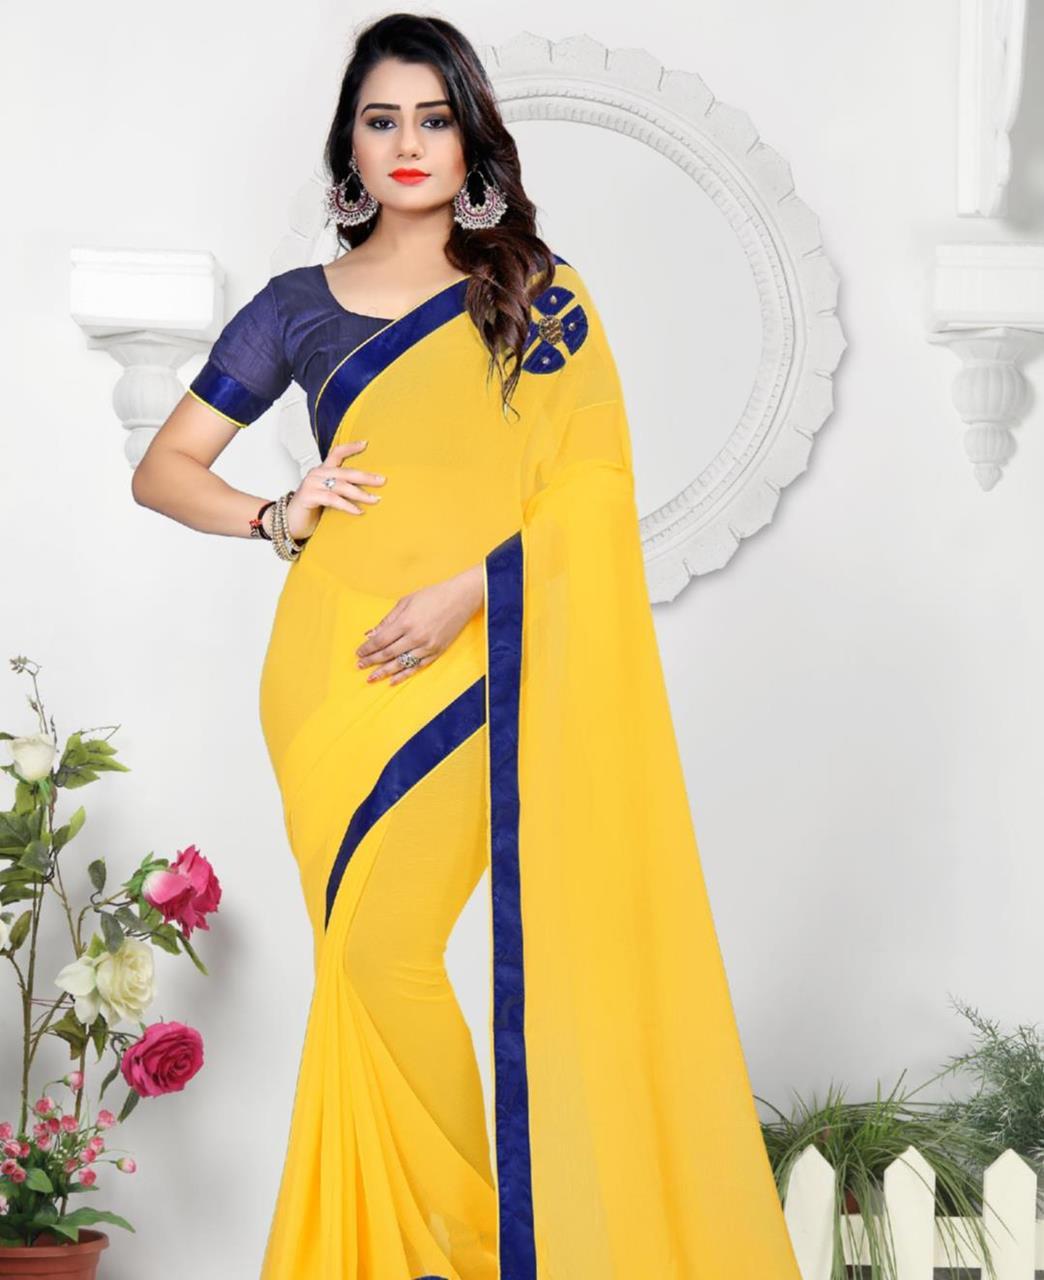 Lace Chiffon Saree (Sari) in Yellow